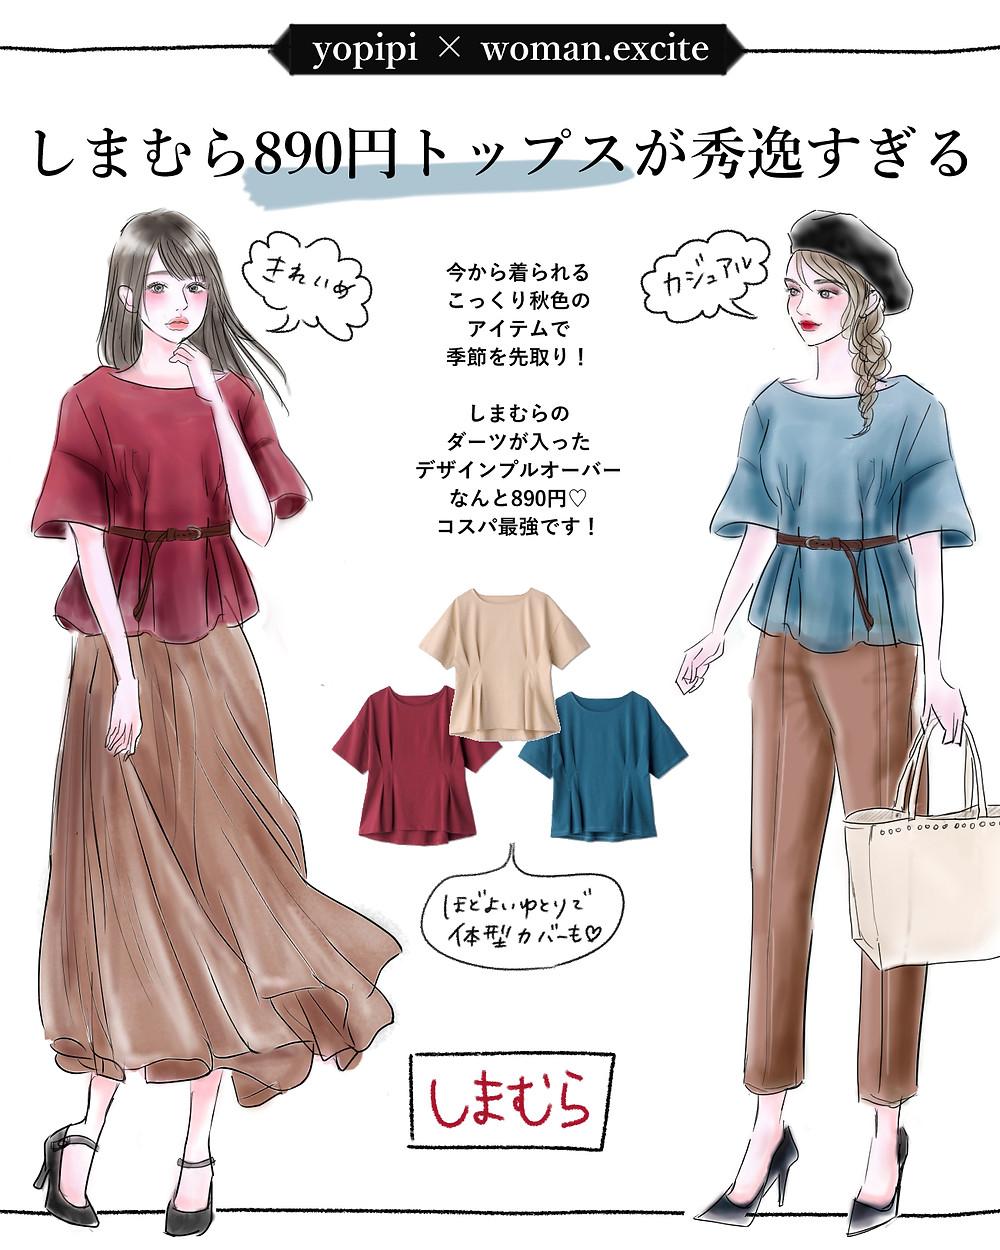 エキサイト株式会社様「ウーマンエキサイト」ファッションコラム連載